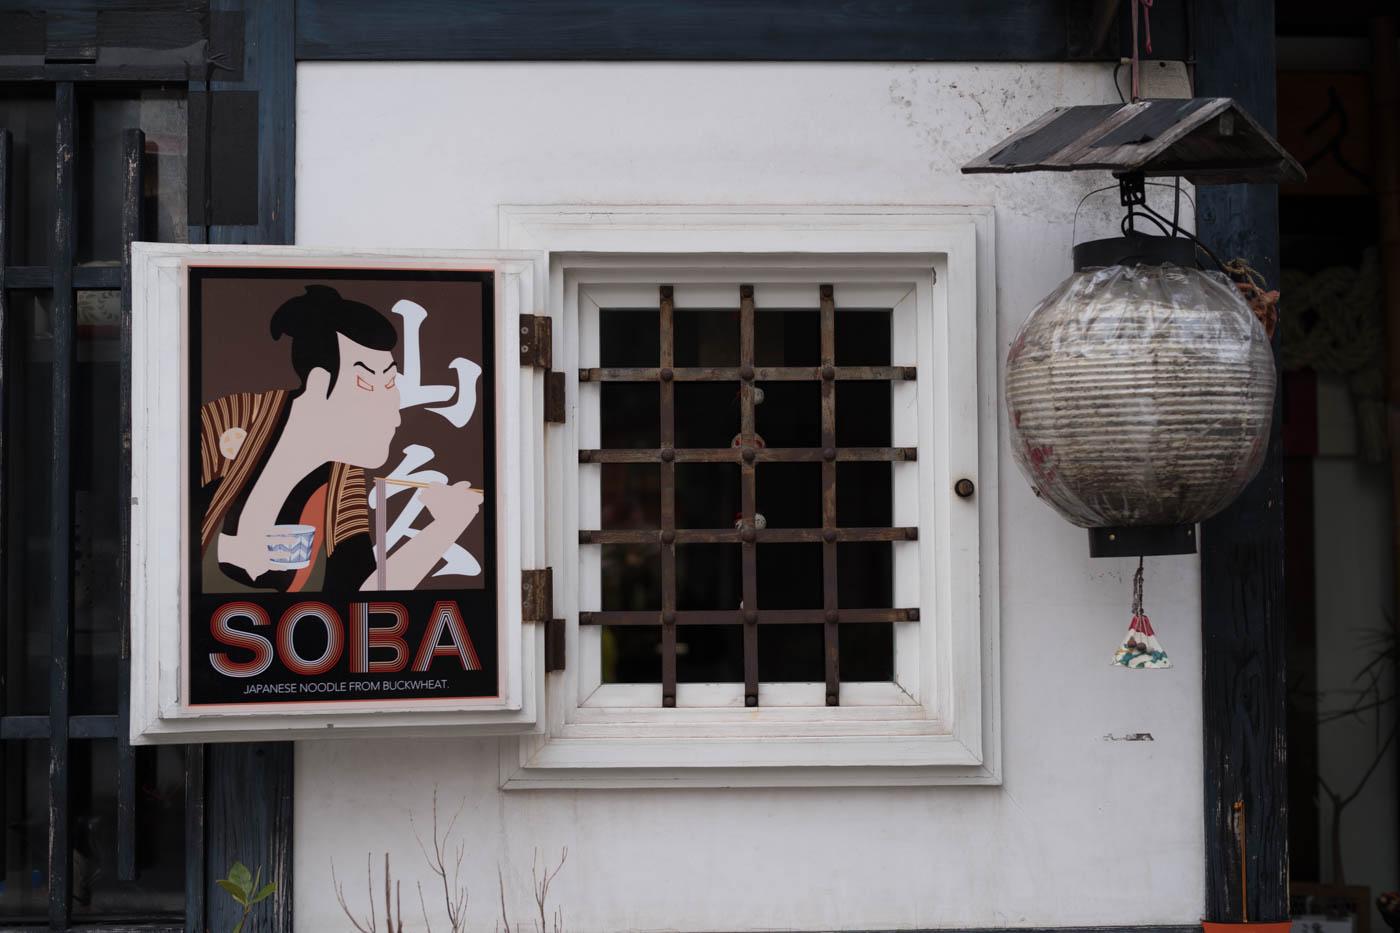 Jiyugaoka Soba